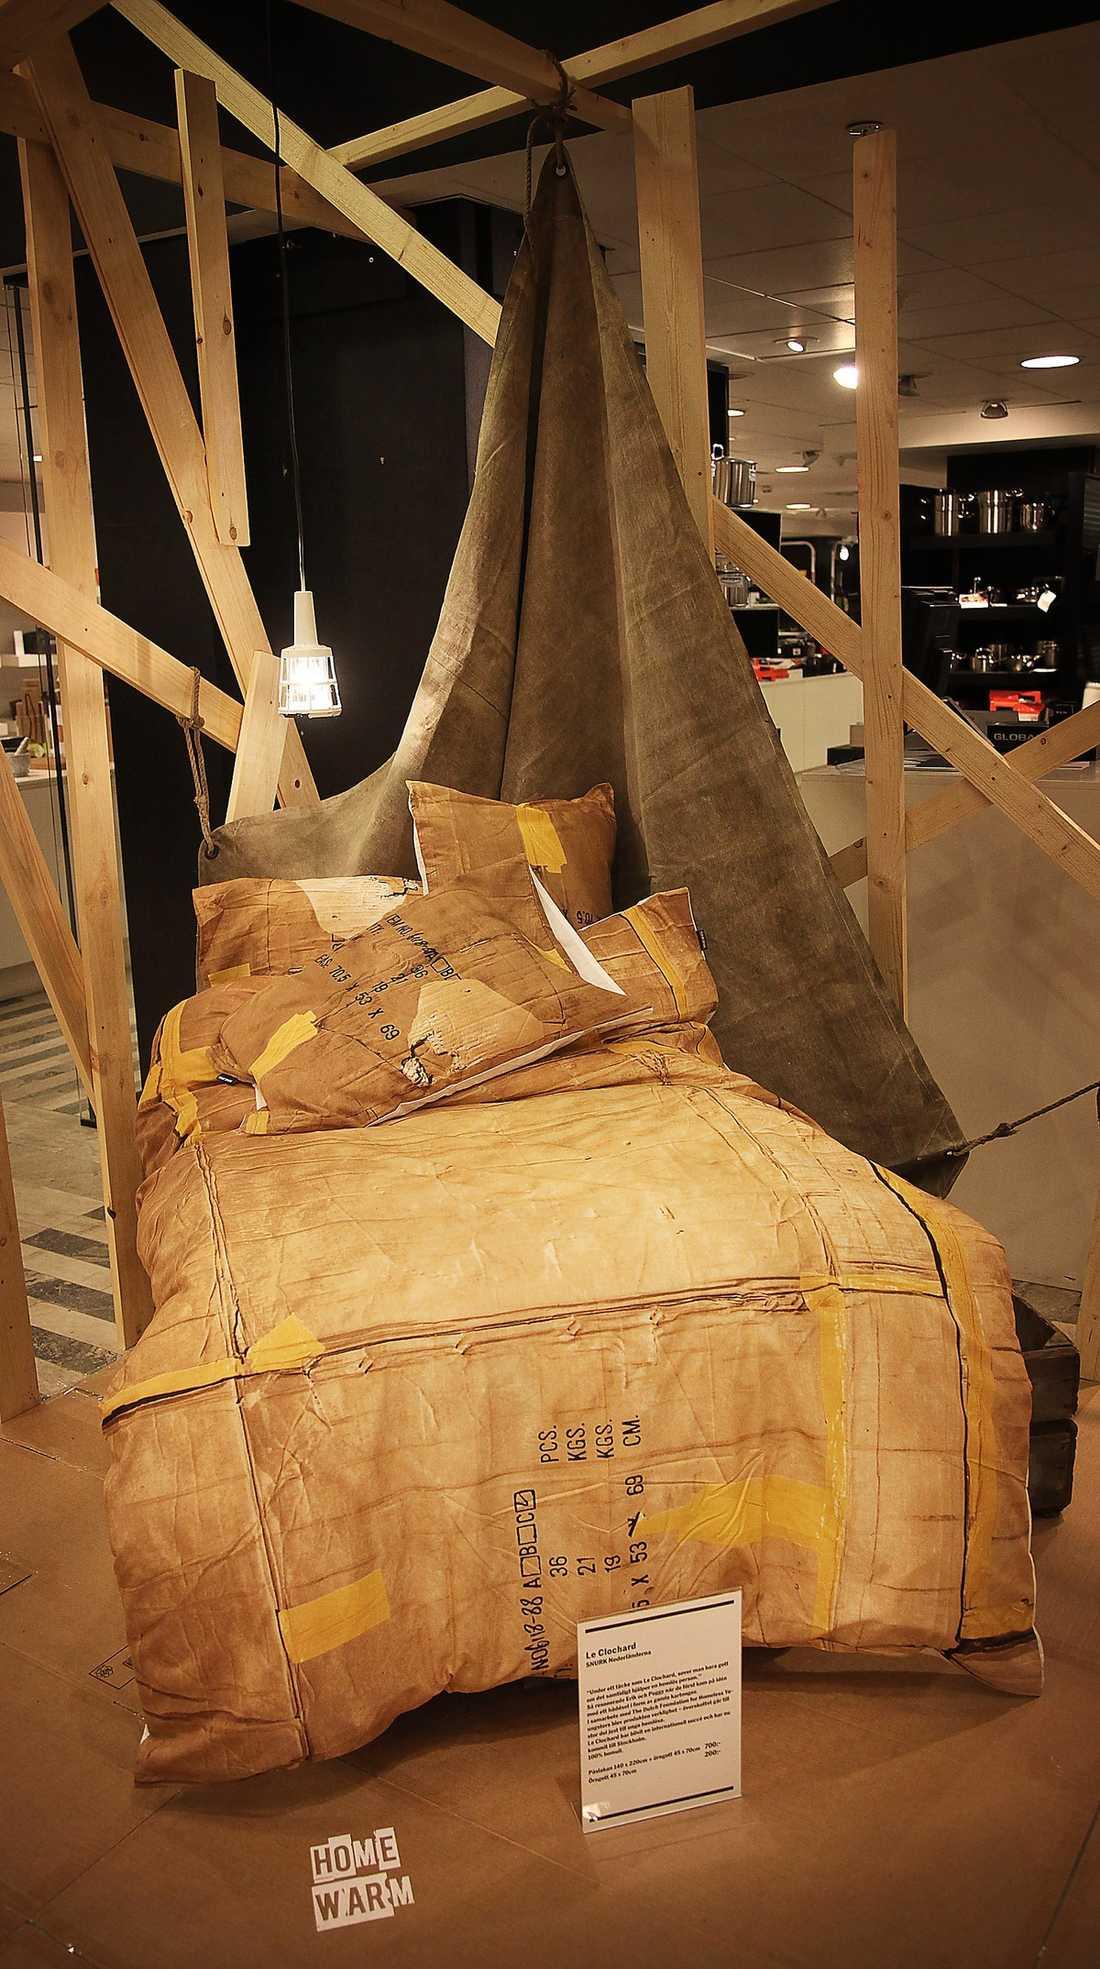 """SAMVETESDESIGN?  Påslakanen med de hoptejpade kartongerna säljs under parollen """"Design with a conscience""""."""